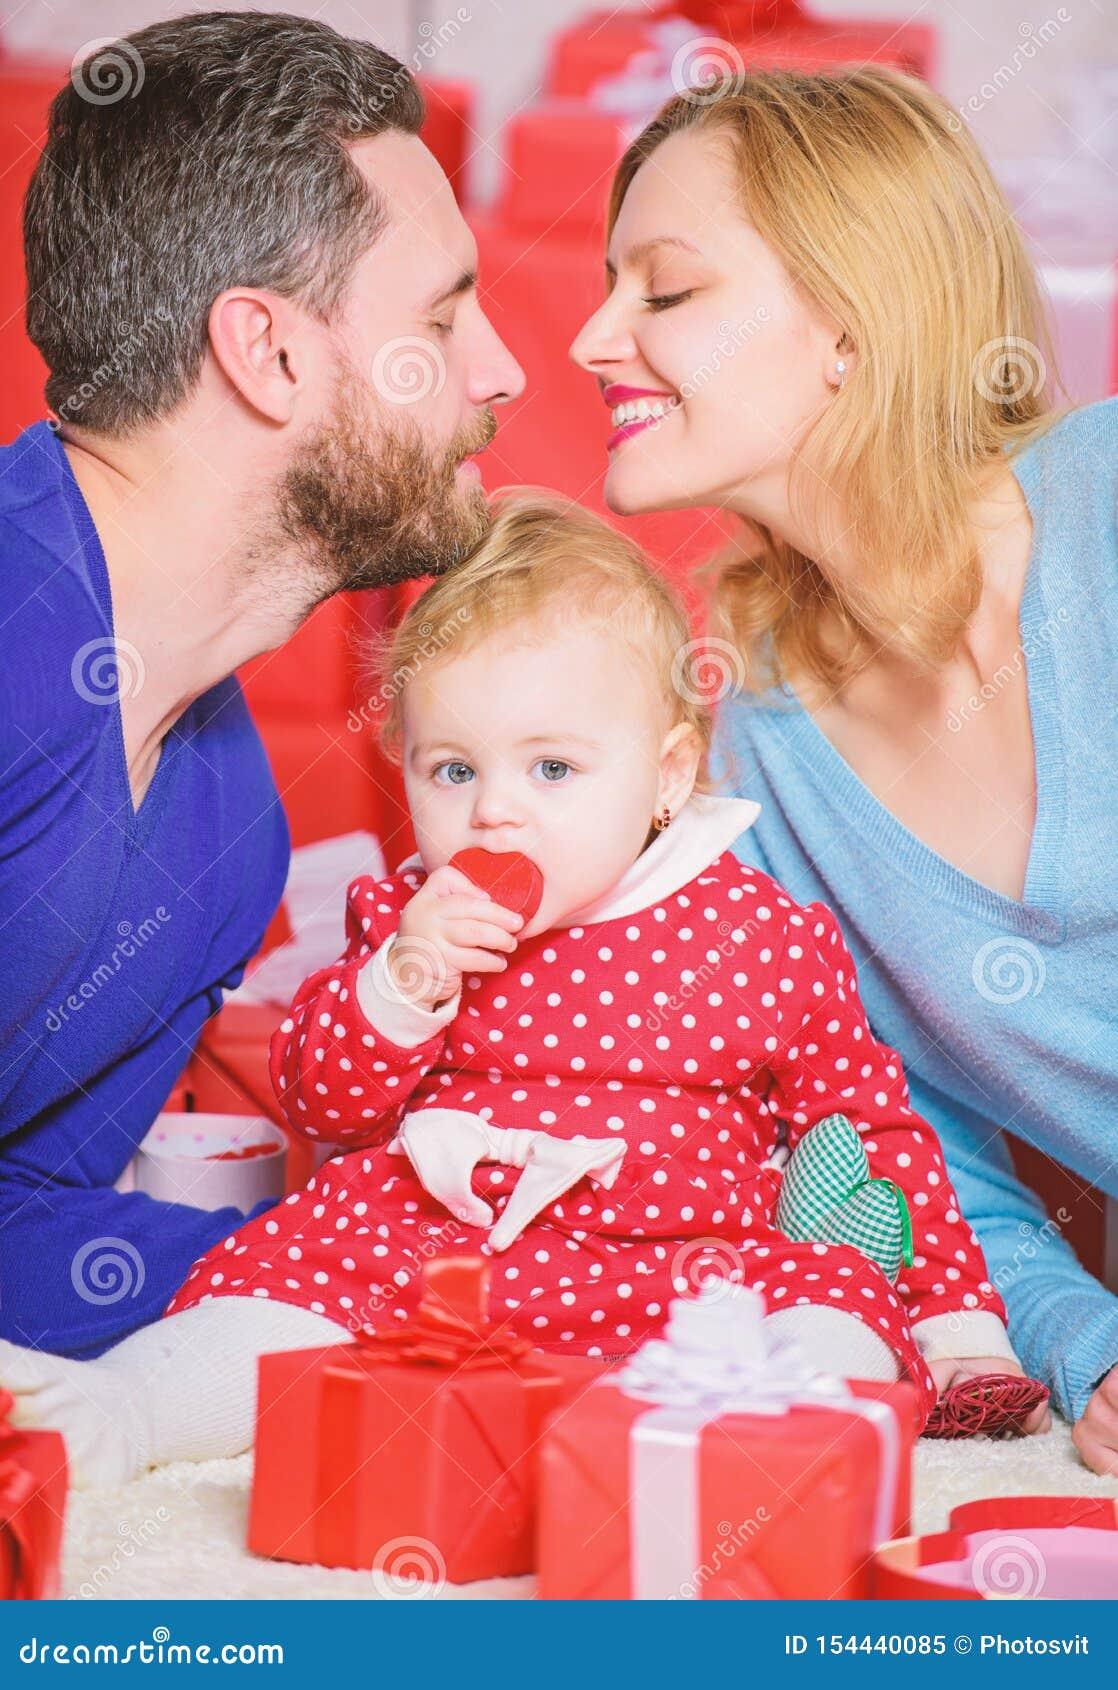 Amor e confian?a na fam?lia Homem e mulher farpados com menina Rosa vermelha Dia para comemorar seu amor Compras